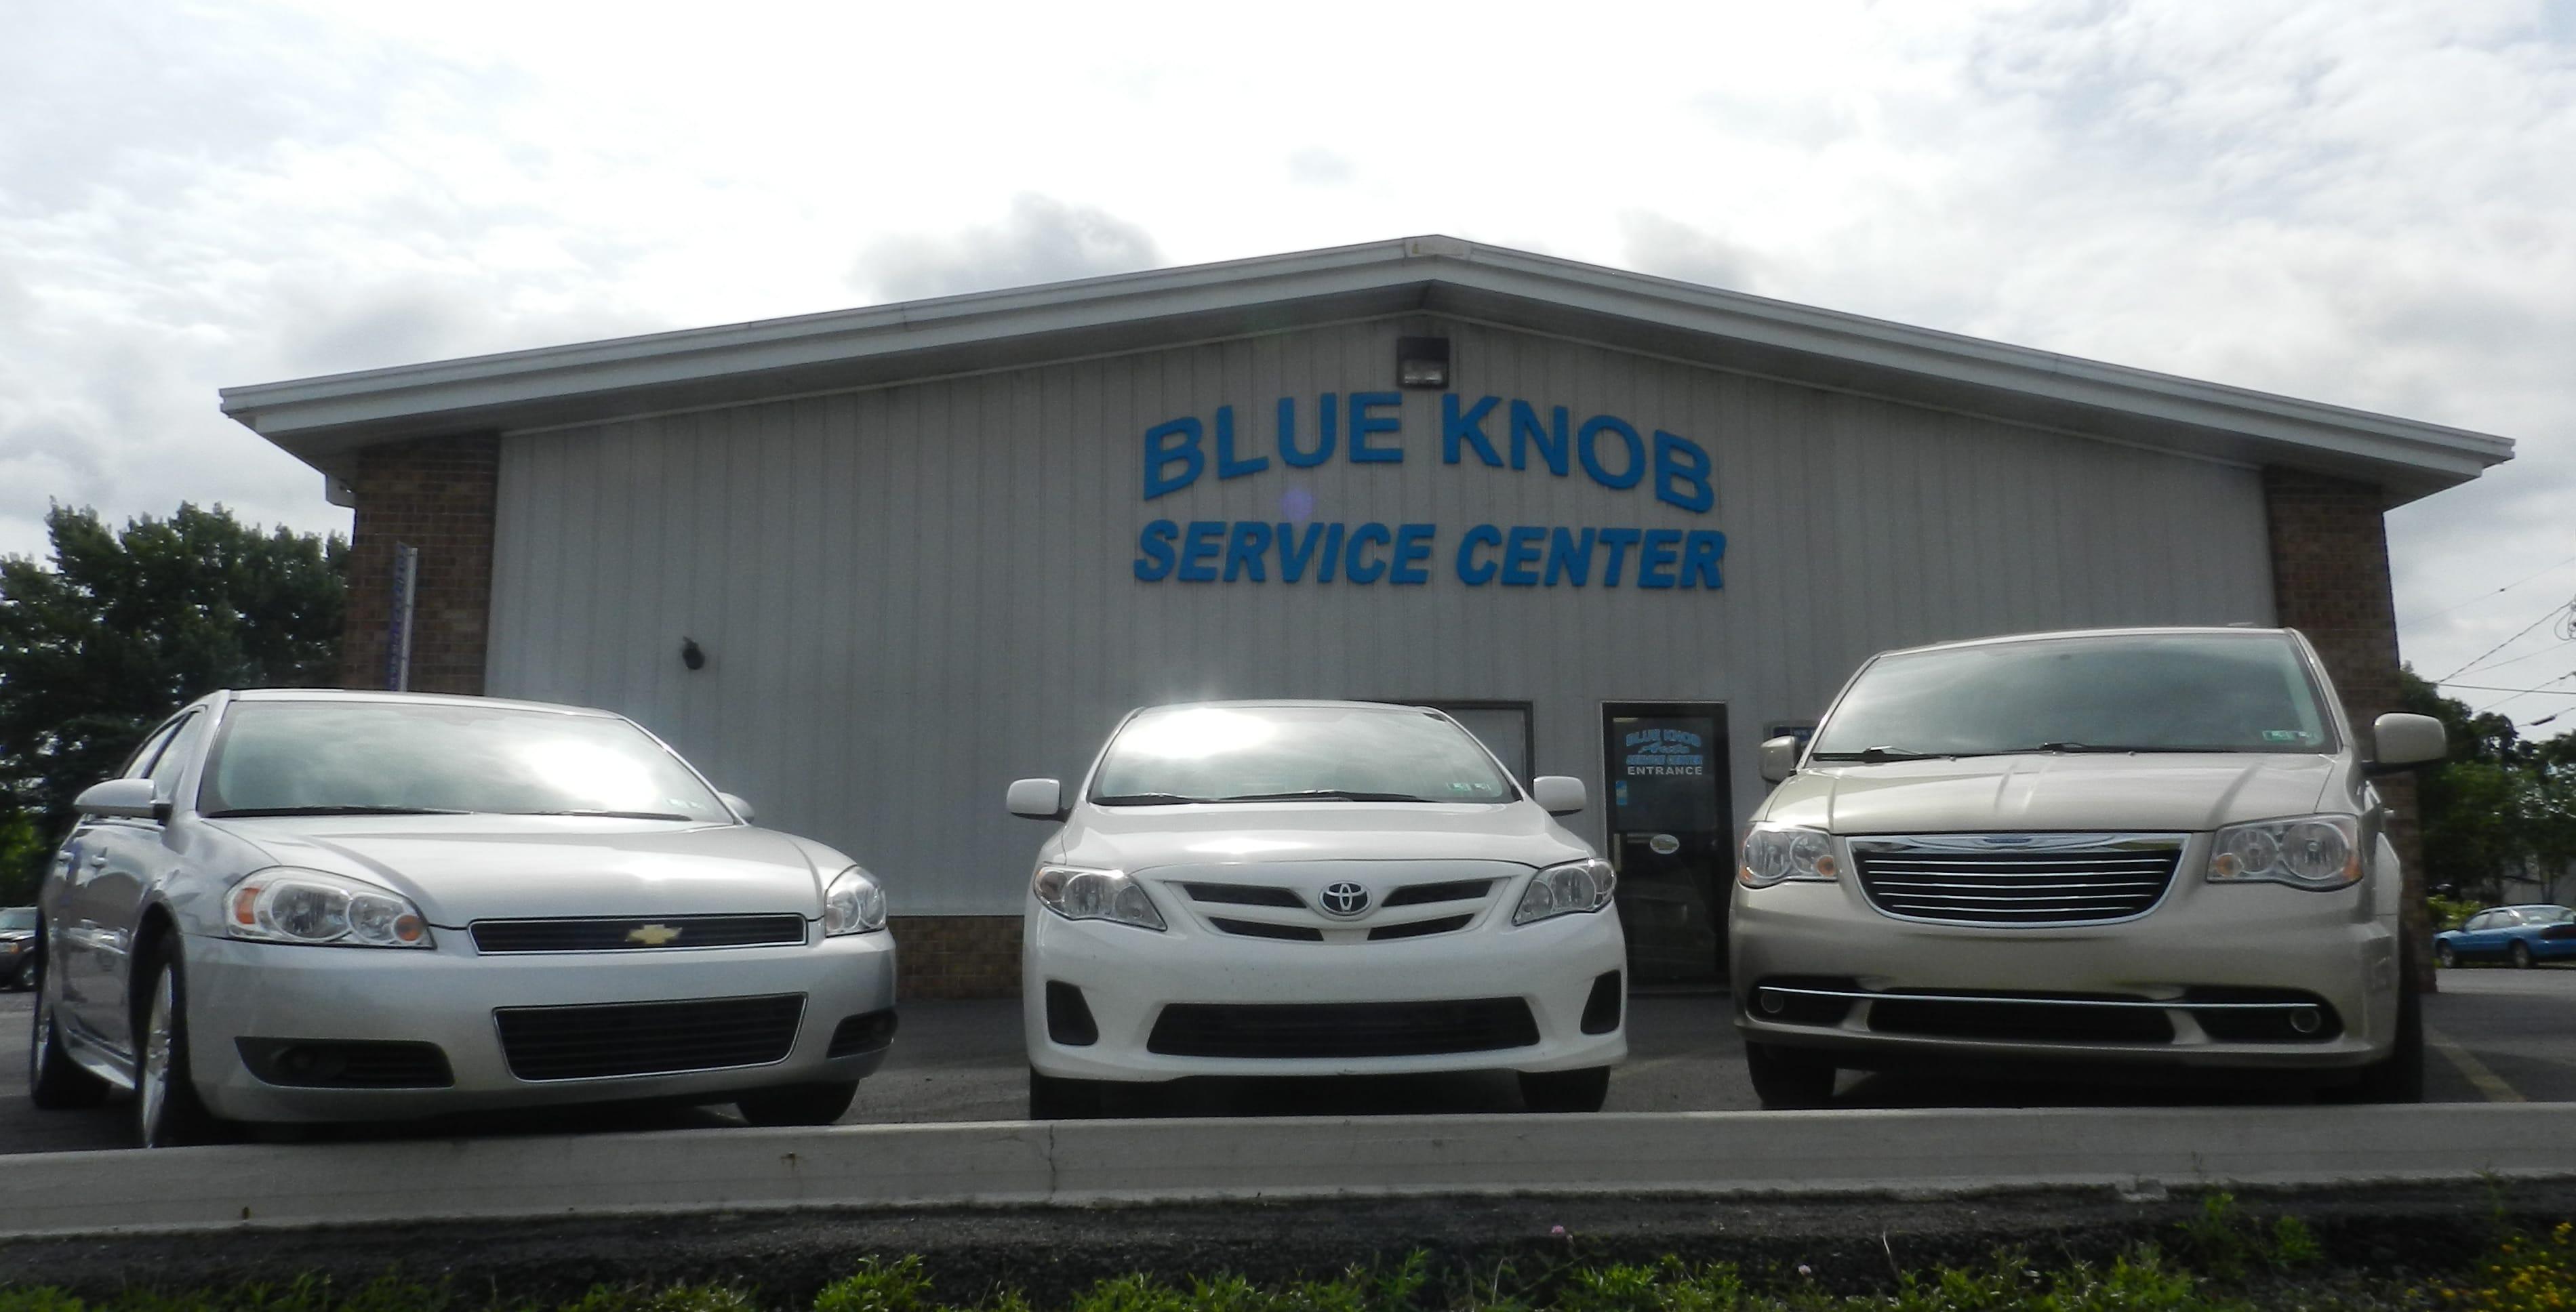 Blue Knob Auto Altoona Pa >> Car Rentals Near Altoona | Blue Knob Auto Sales